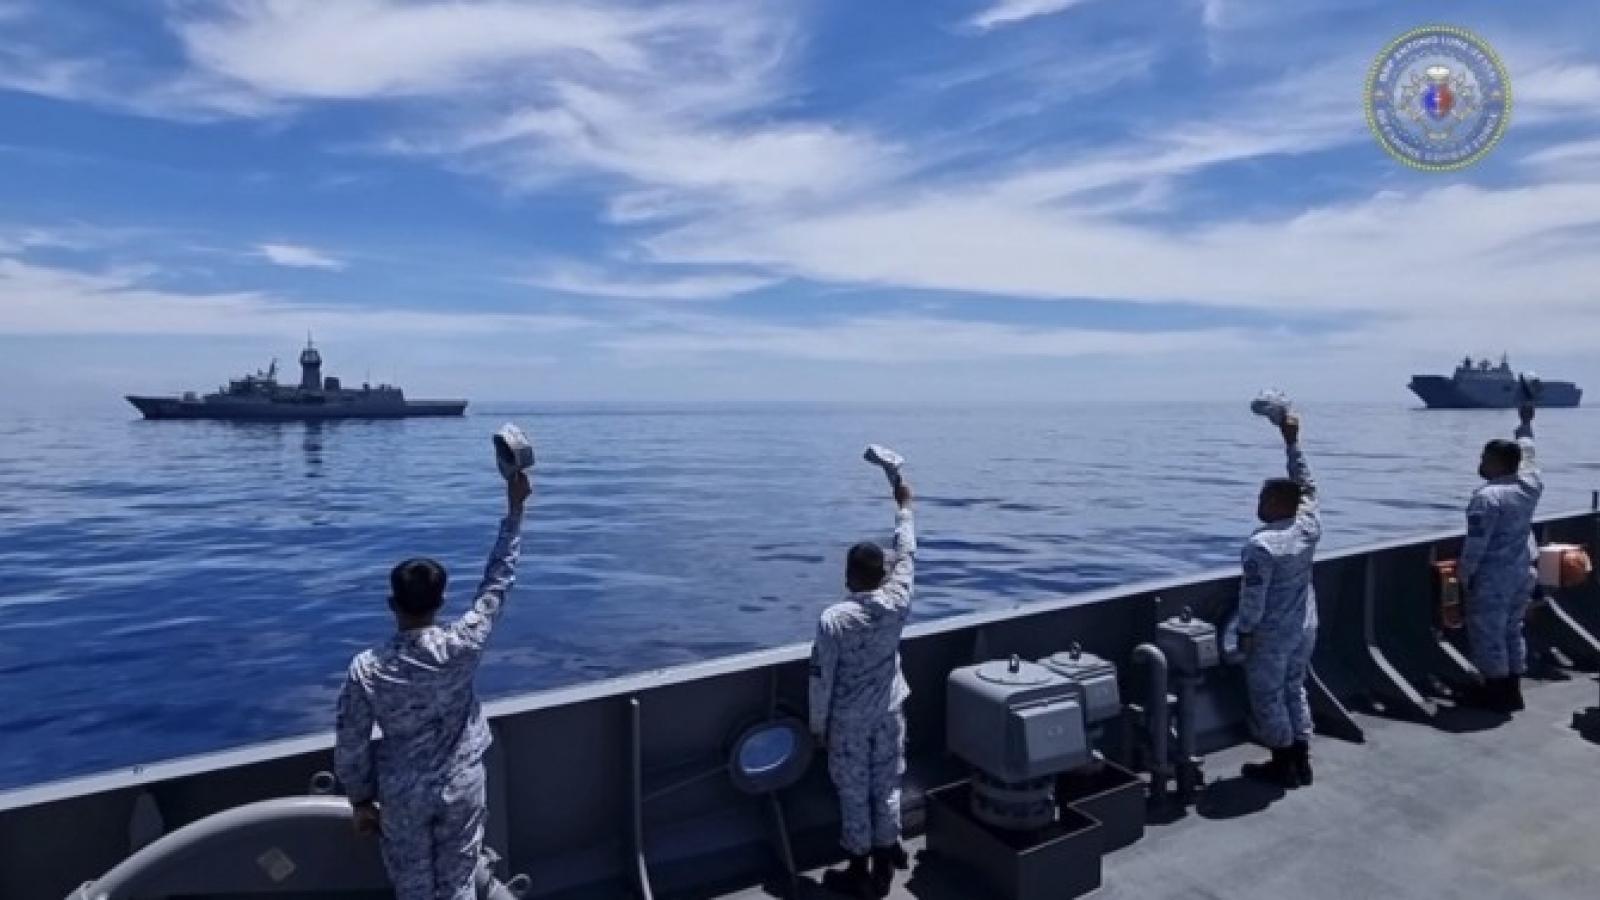 Hải quân Philippines và Australia tập trận phòng vệ Ấn Độ Thái Bình Dương